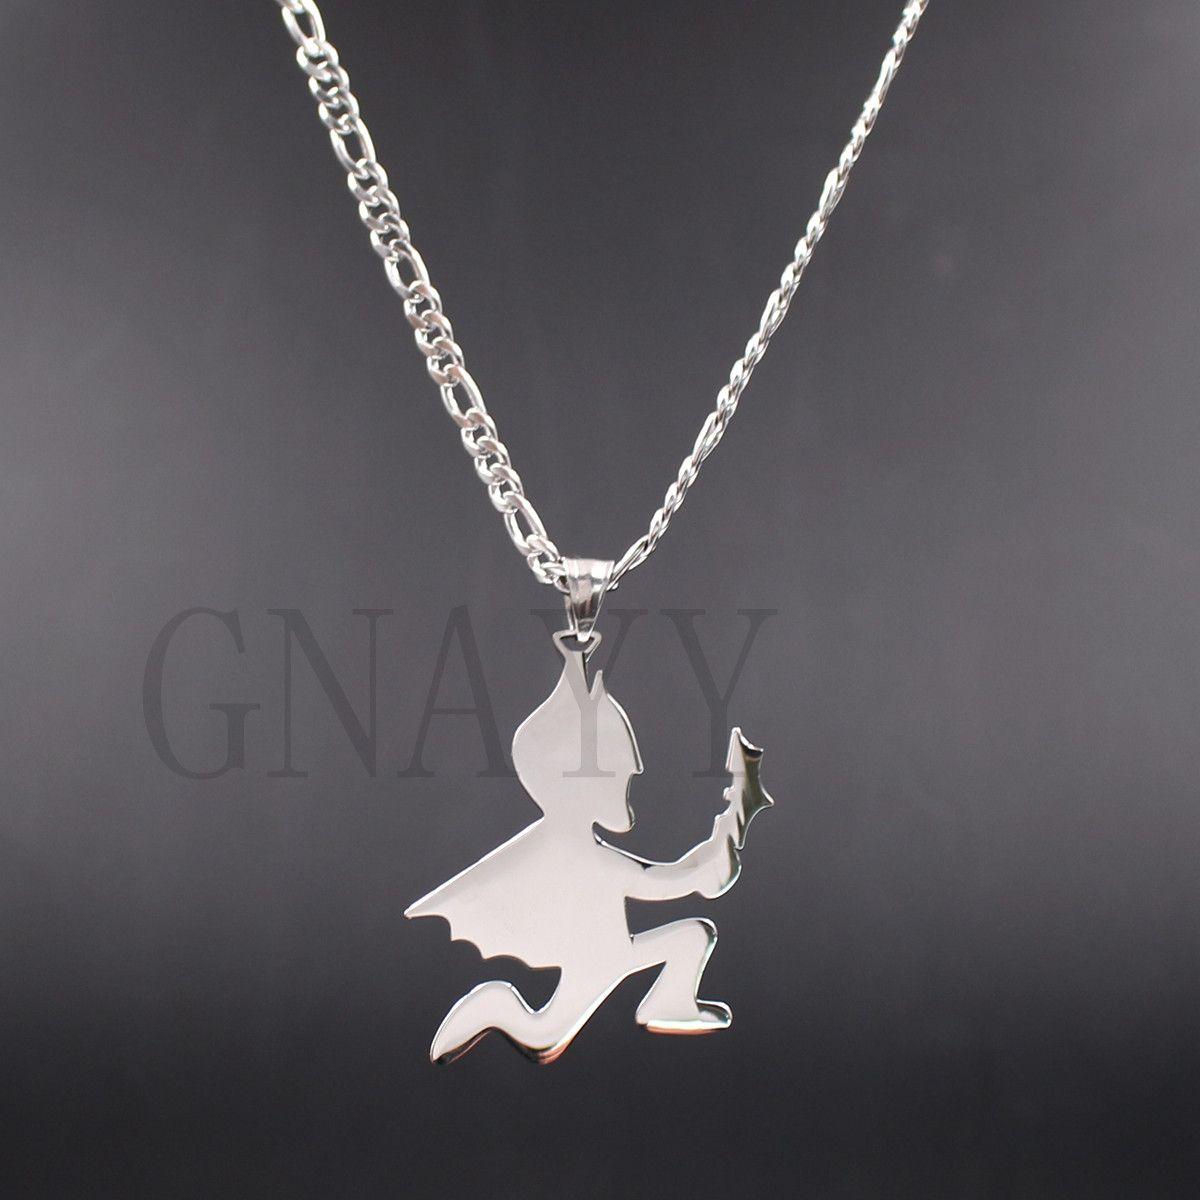 Рождественский подарок Hatchetman Batman juggalo juggalette ICP charm twiztid Фигаро цепь из нержавеющей стали серебро ювелирные изделия корабль бесплатно